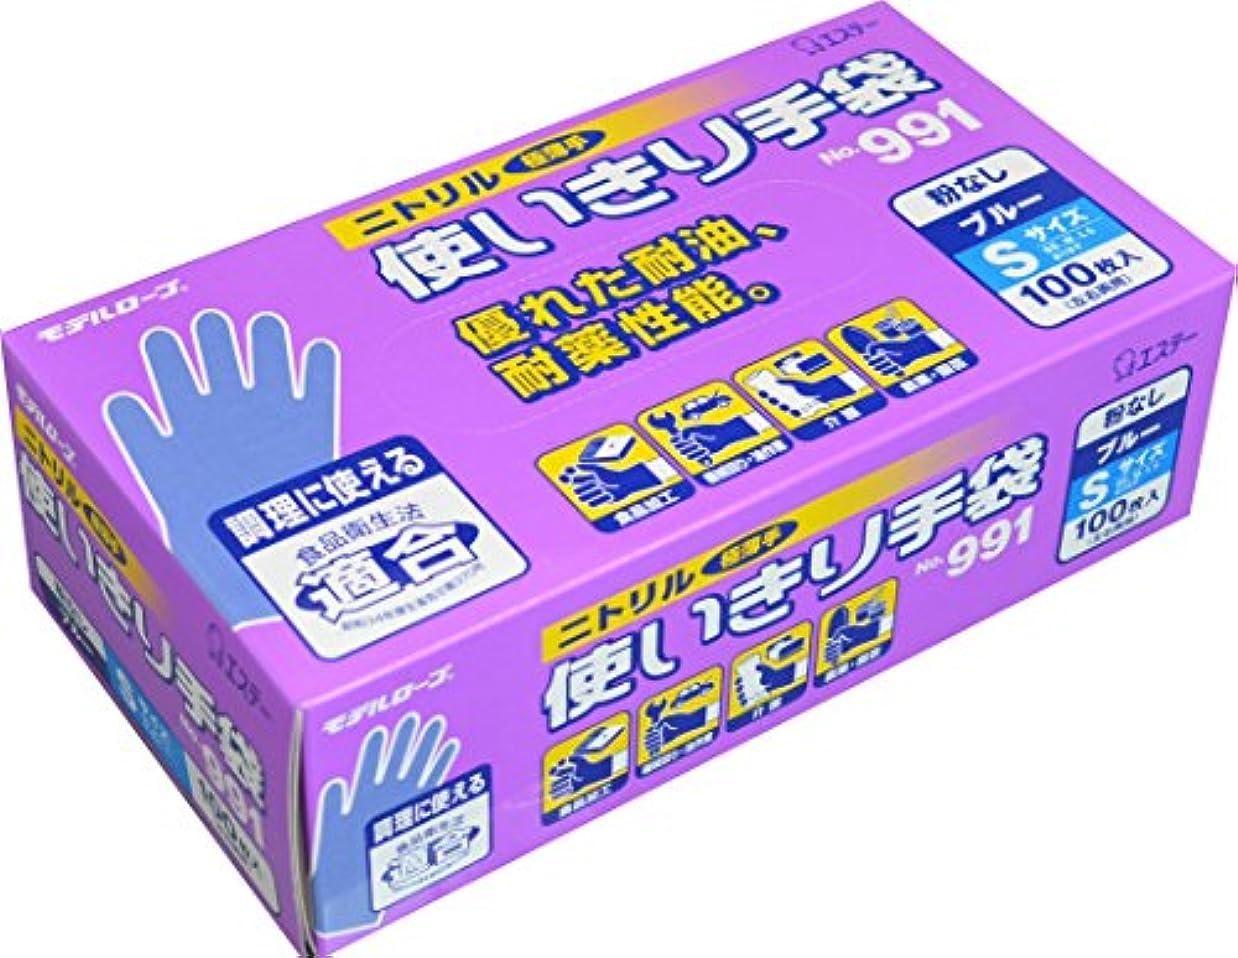 アサー下爬虫類モデルローブ NO991 ニトリル使い切り手袋 100枚 ブルー S